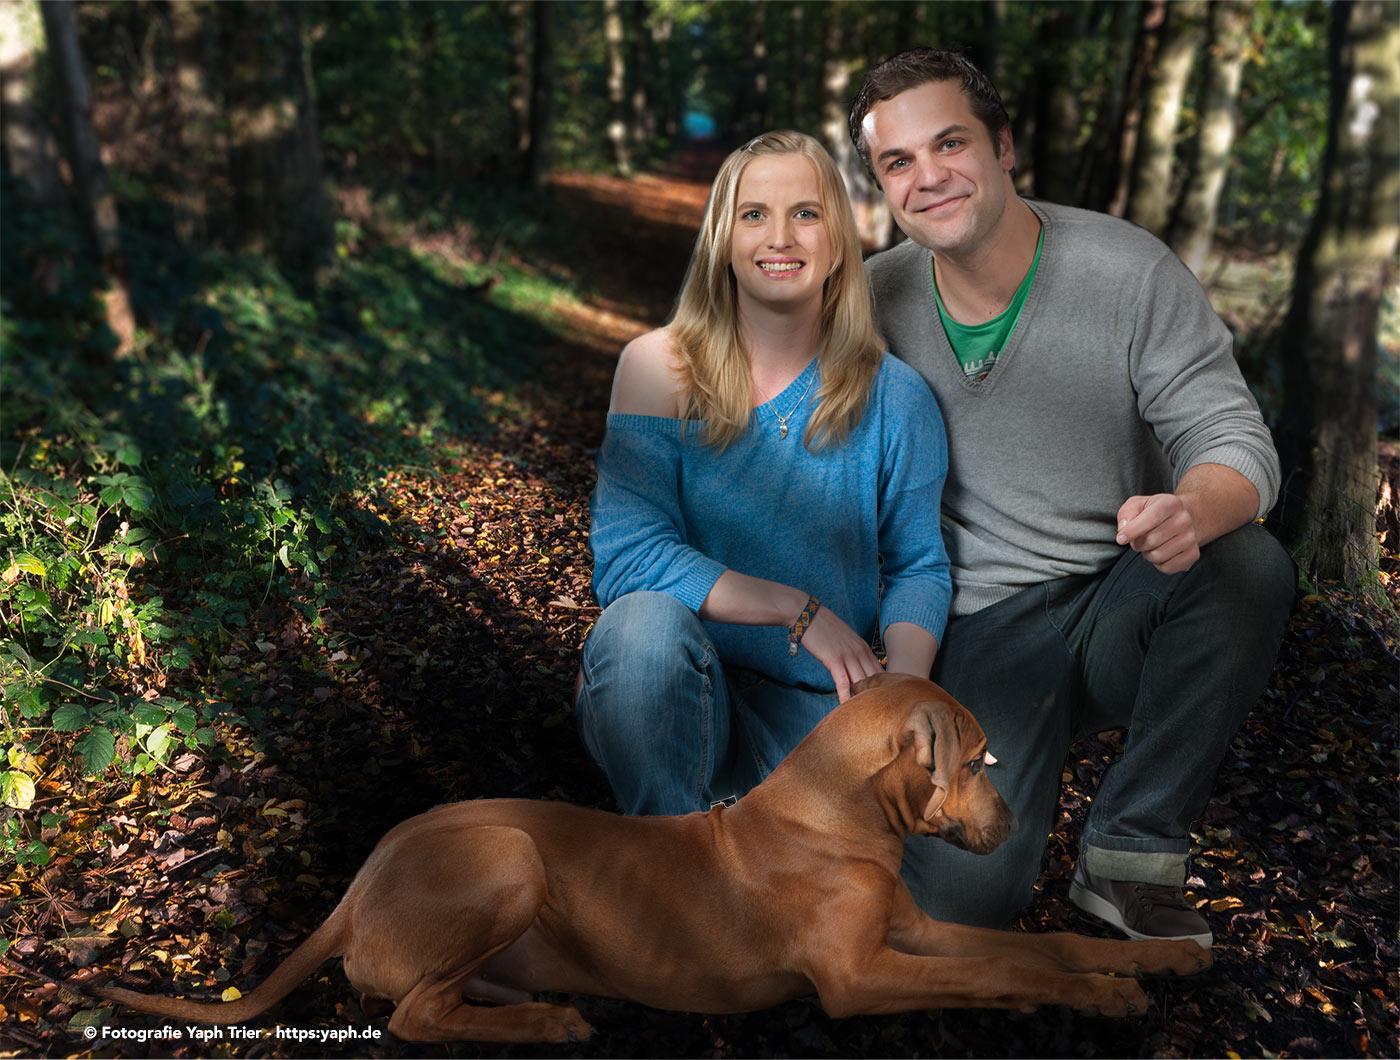 Hundefotoshooting und Familienfotos in Trier Fotostudio Yaph auf dem Petrisberg